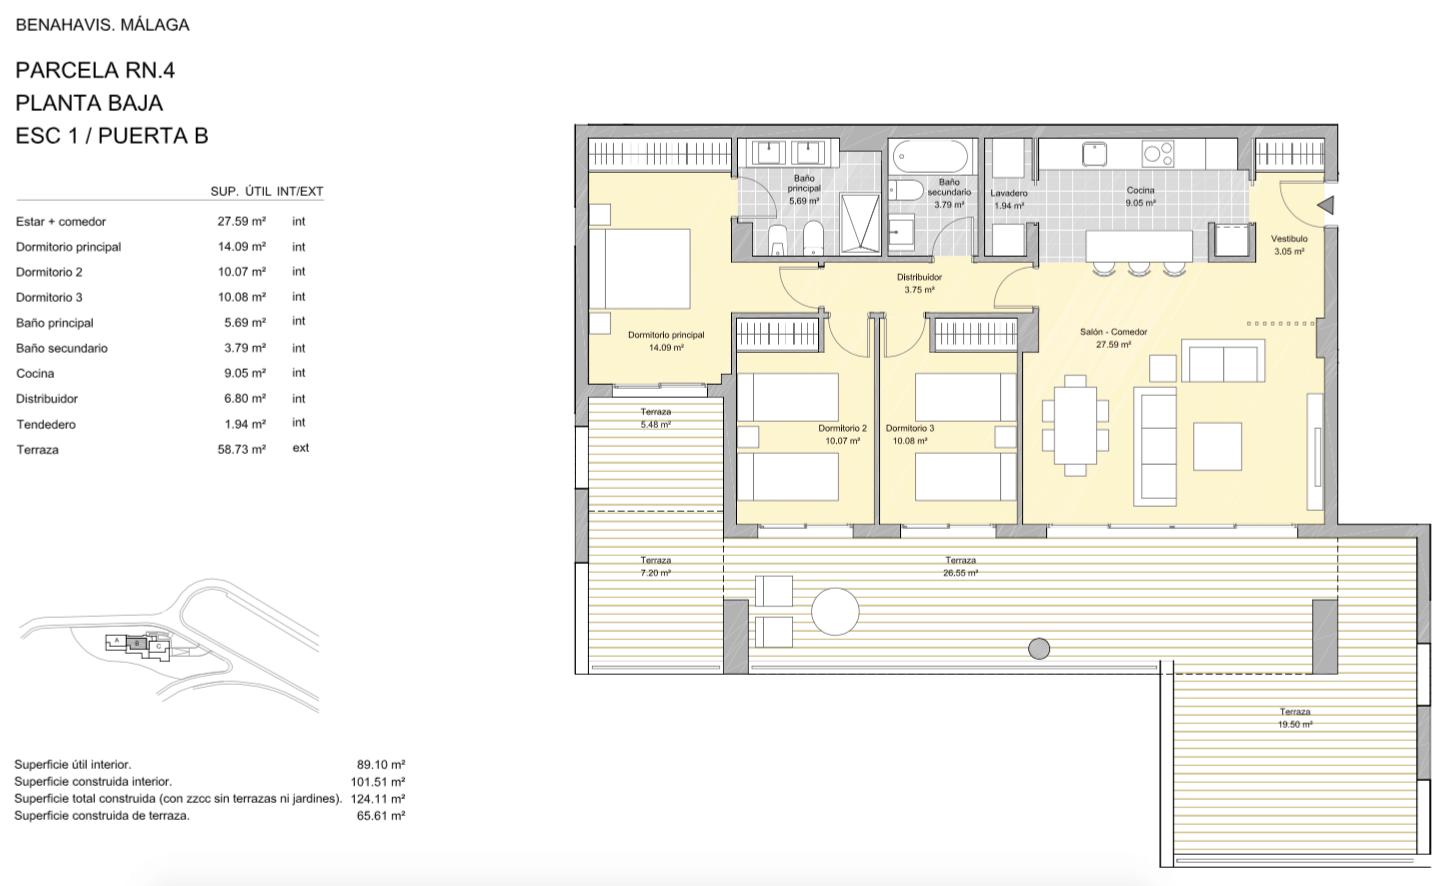 alborada homes benahavis golf la quinta moderne appartementen penthouses te koop grondplan RN3 10B gelijkvloers 3bed